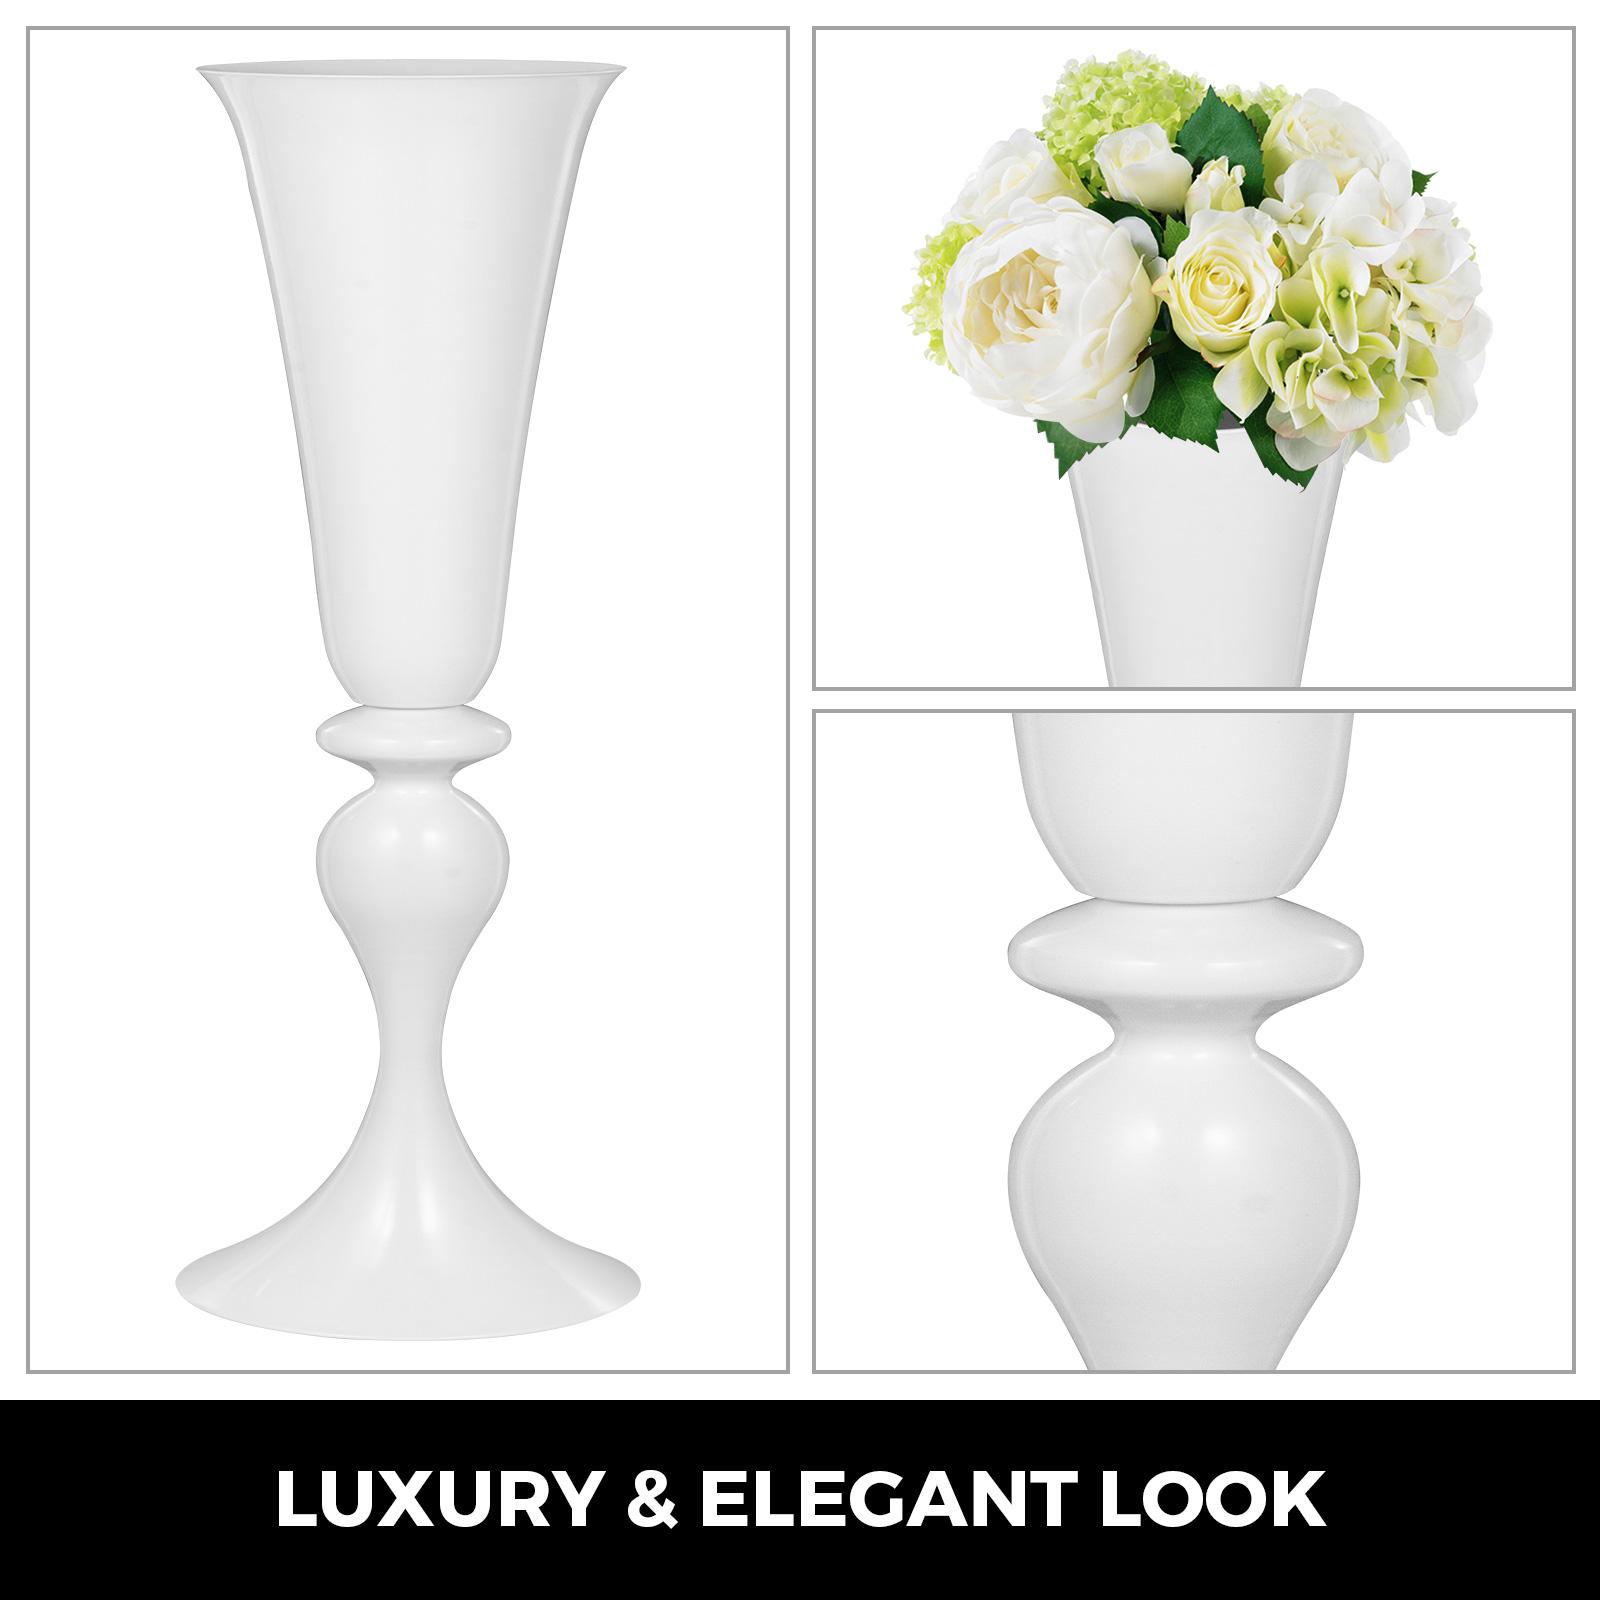 Trumpet-Vase-Flower-Vases-Centerpiece-29-5-034-22-034-for-Party-Celebration-Events thumbnail 39